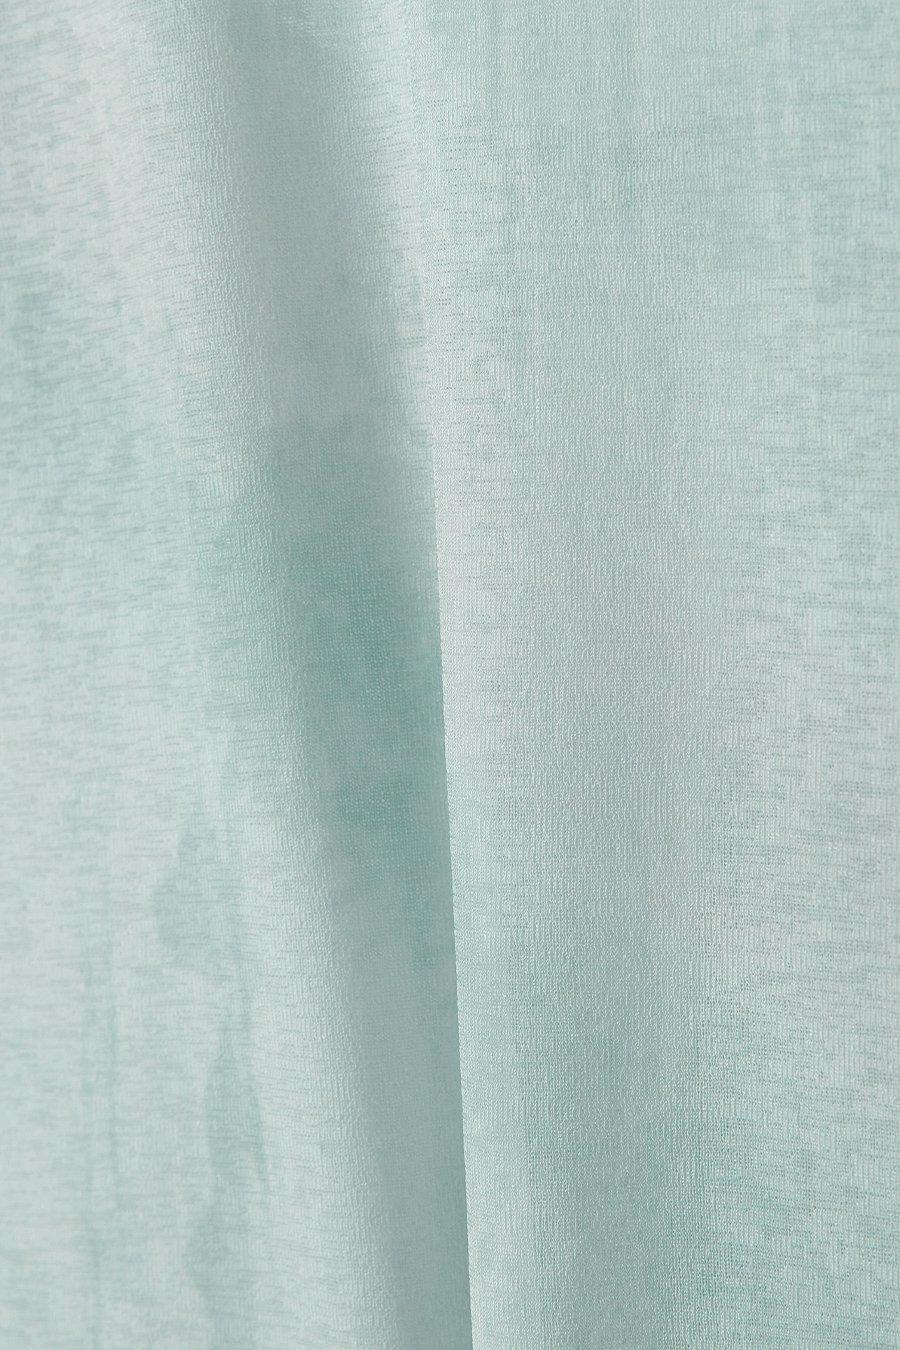 인사일런스 우먼(INSILENCE WOMEN) 그래픽 롱 슬리브 탑 GREEN